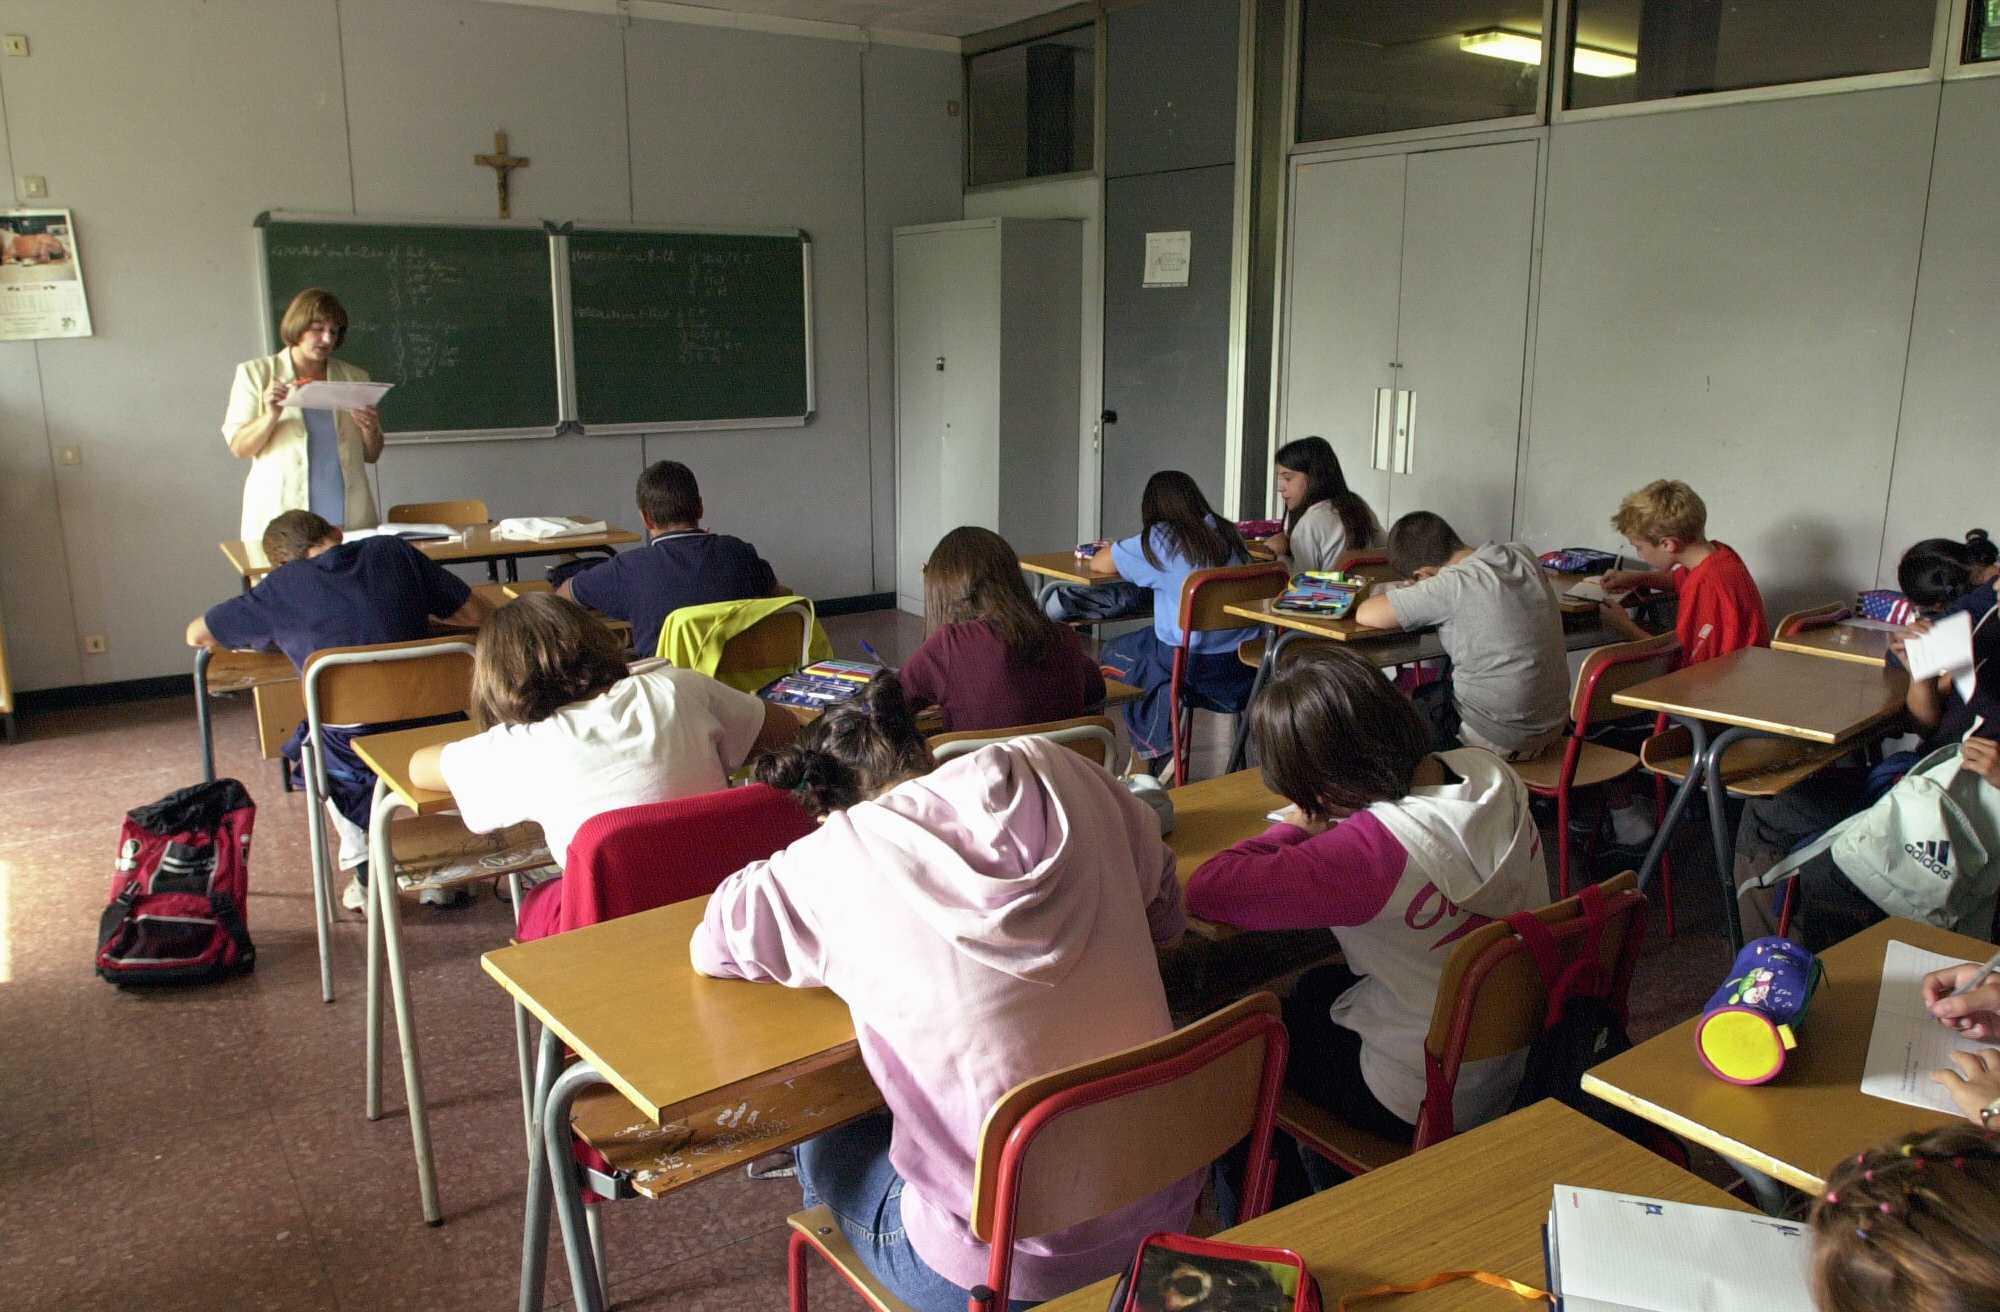 Riforma della Scuola, i sindacati proclamano lo sciopero delle attività non obbligatorie dal 9 aprile al 18 aprile